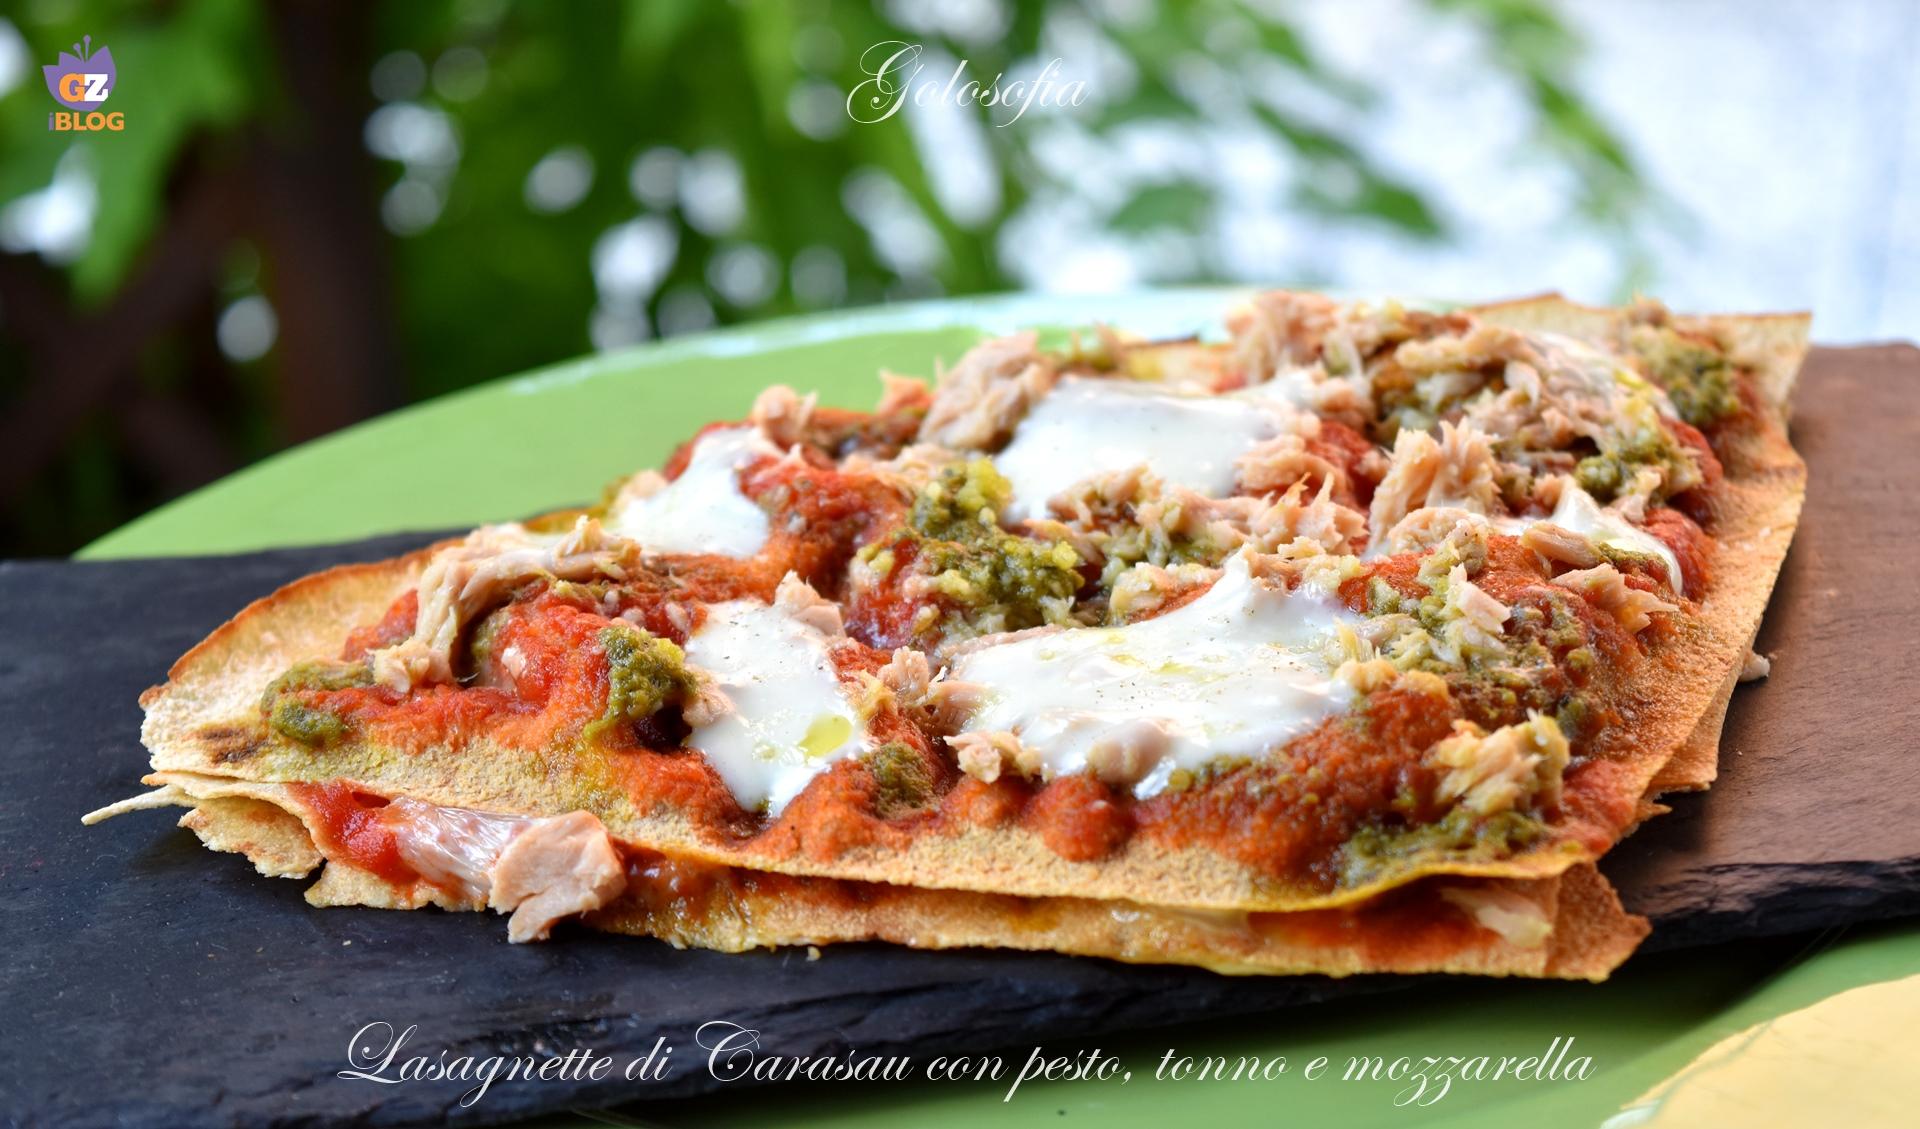 Lasagnette di Carasau con pesto, tonno e mozzarella-ricetta antipasti-golosofia